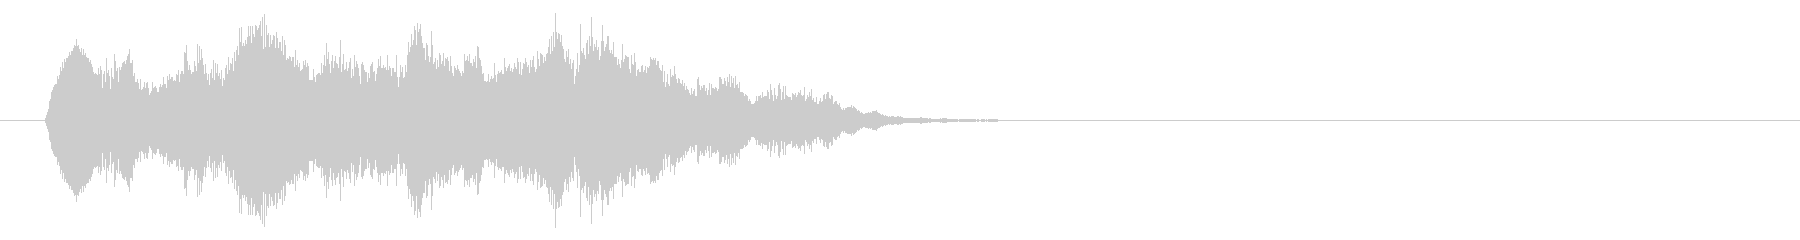 リズミカルかつ爽やかなサウンドロゴの未再生の波形